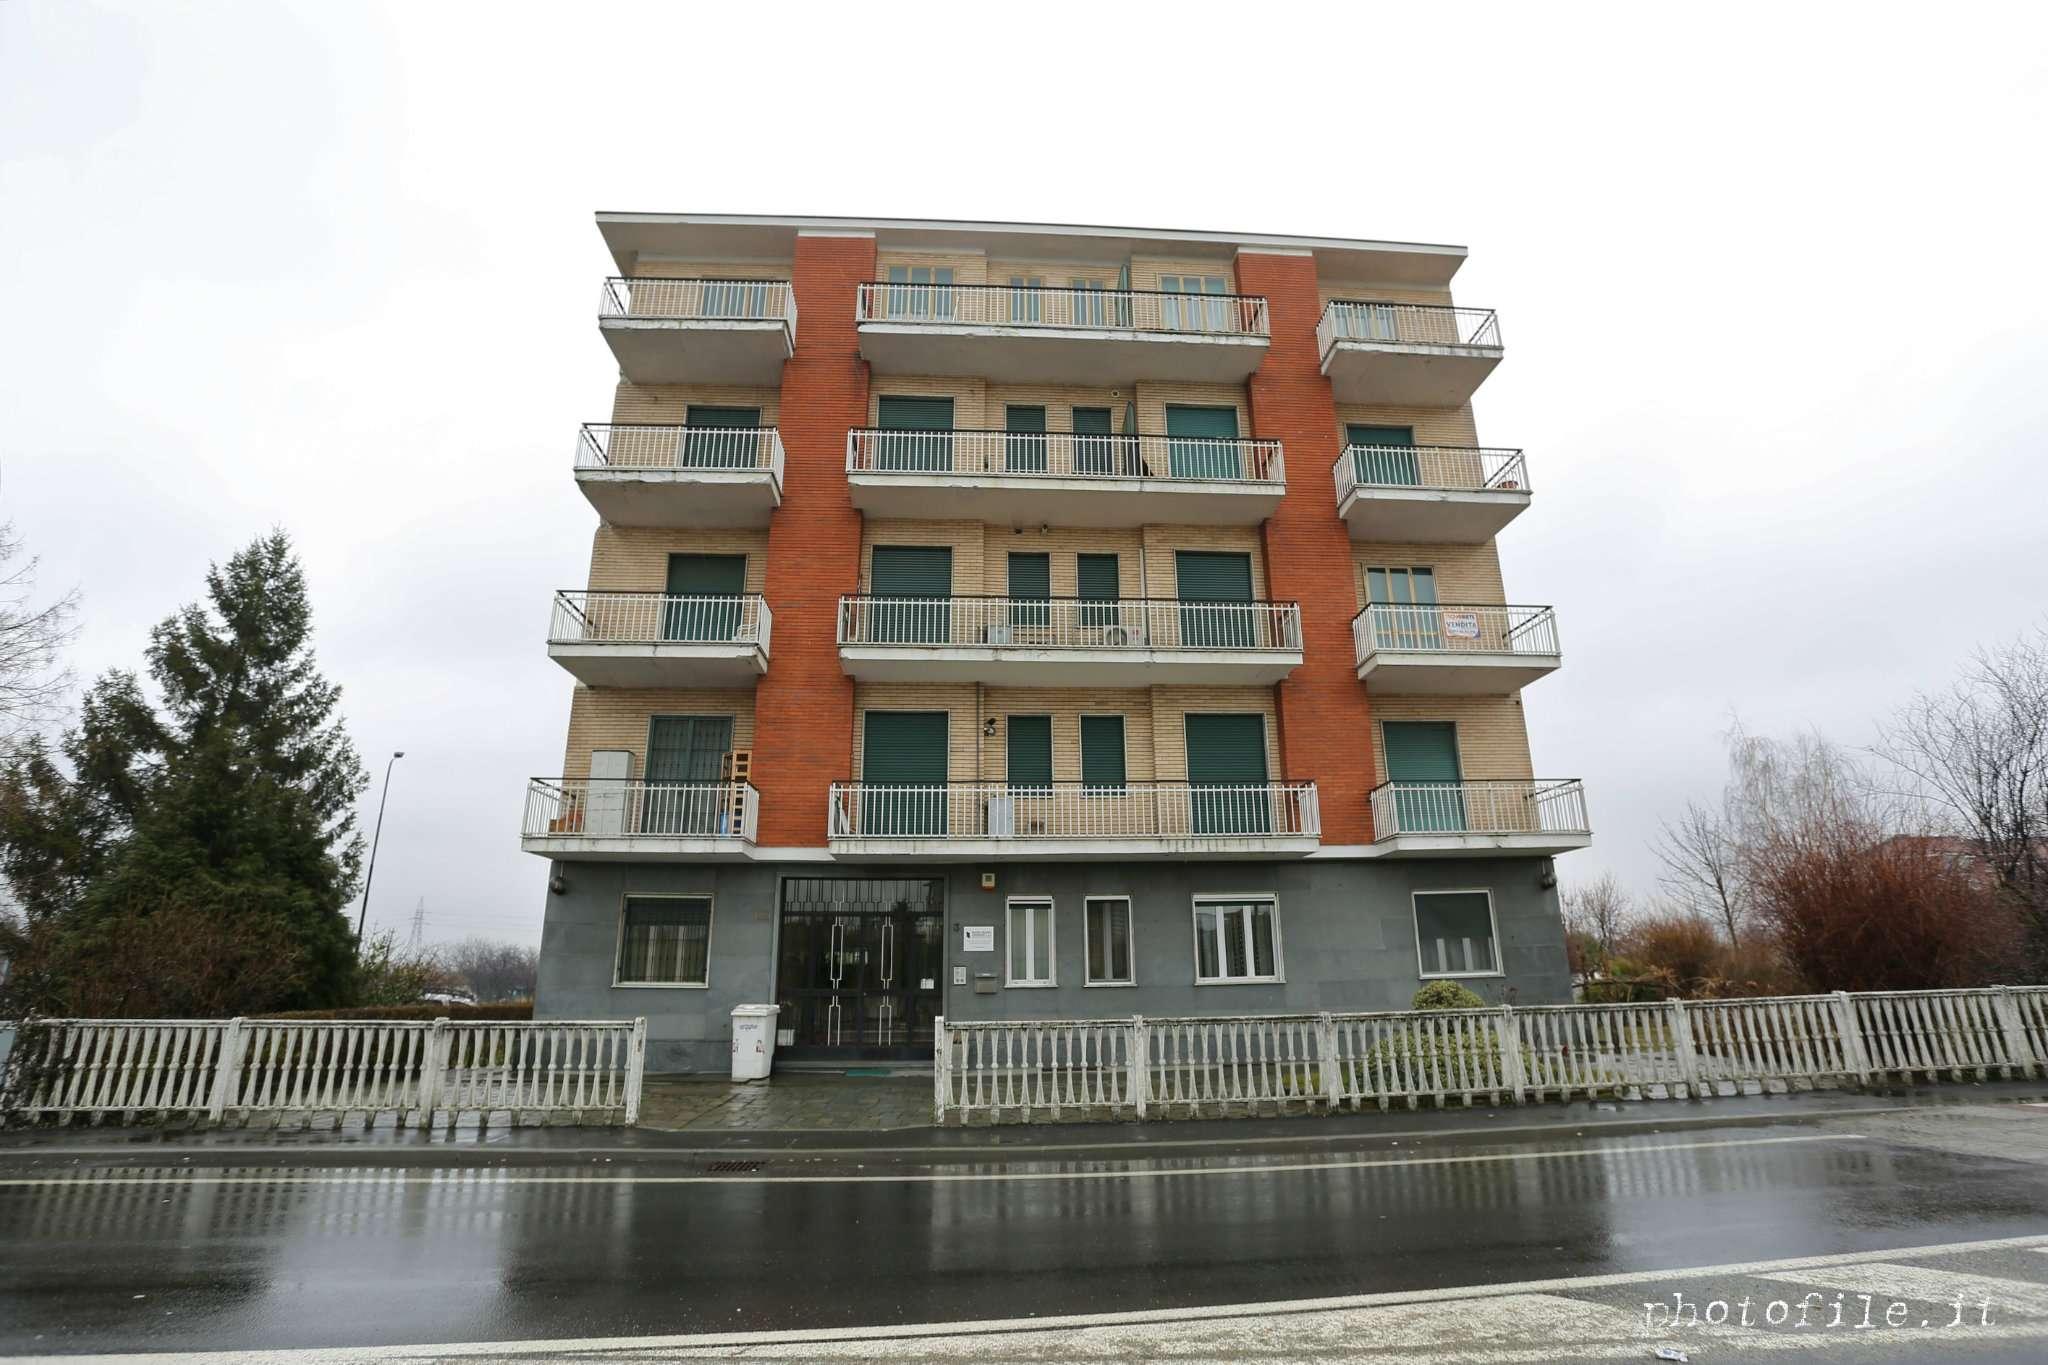 Appartamento in vendita a Rivalta di Torino, 2 locali, prezzo € 55.000 | CambioCasa.it